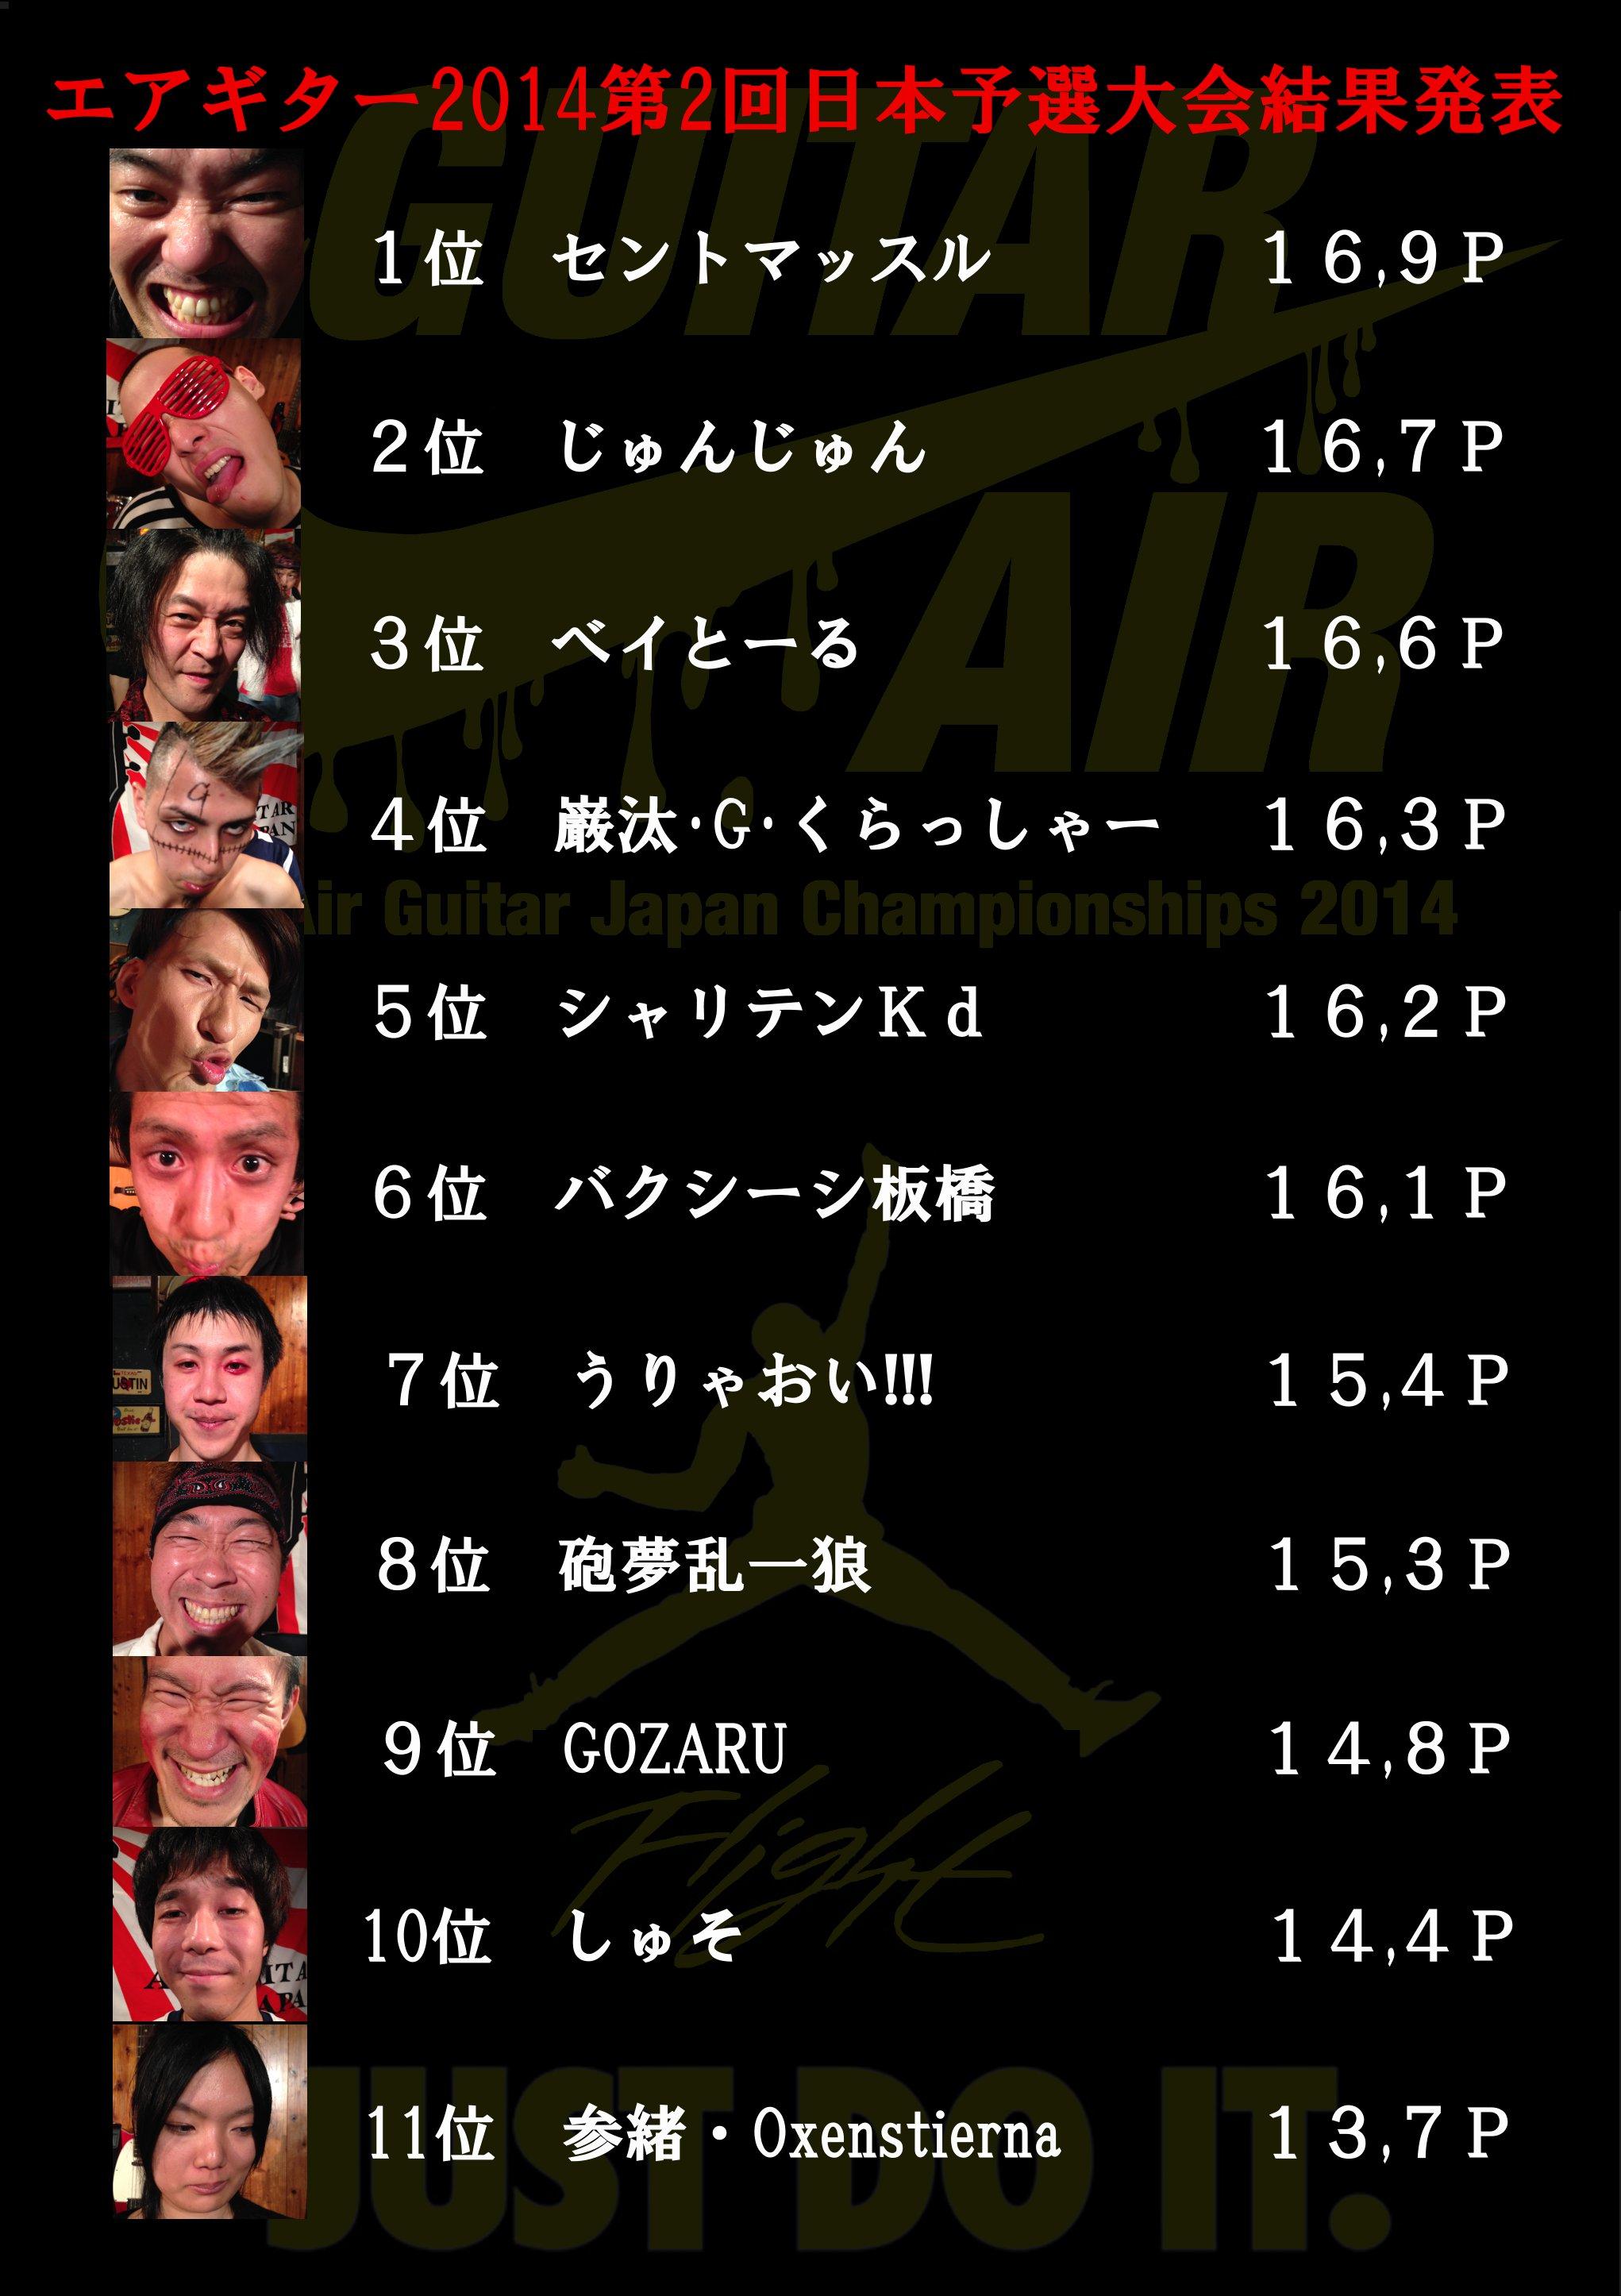 エアギター2014第2回日本予選結果